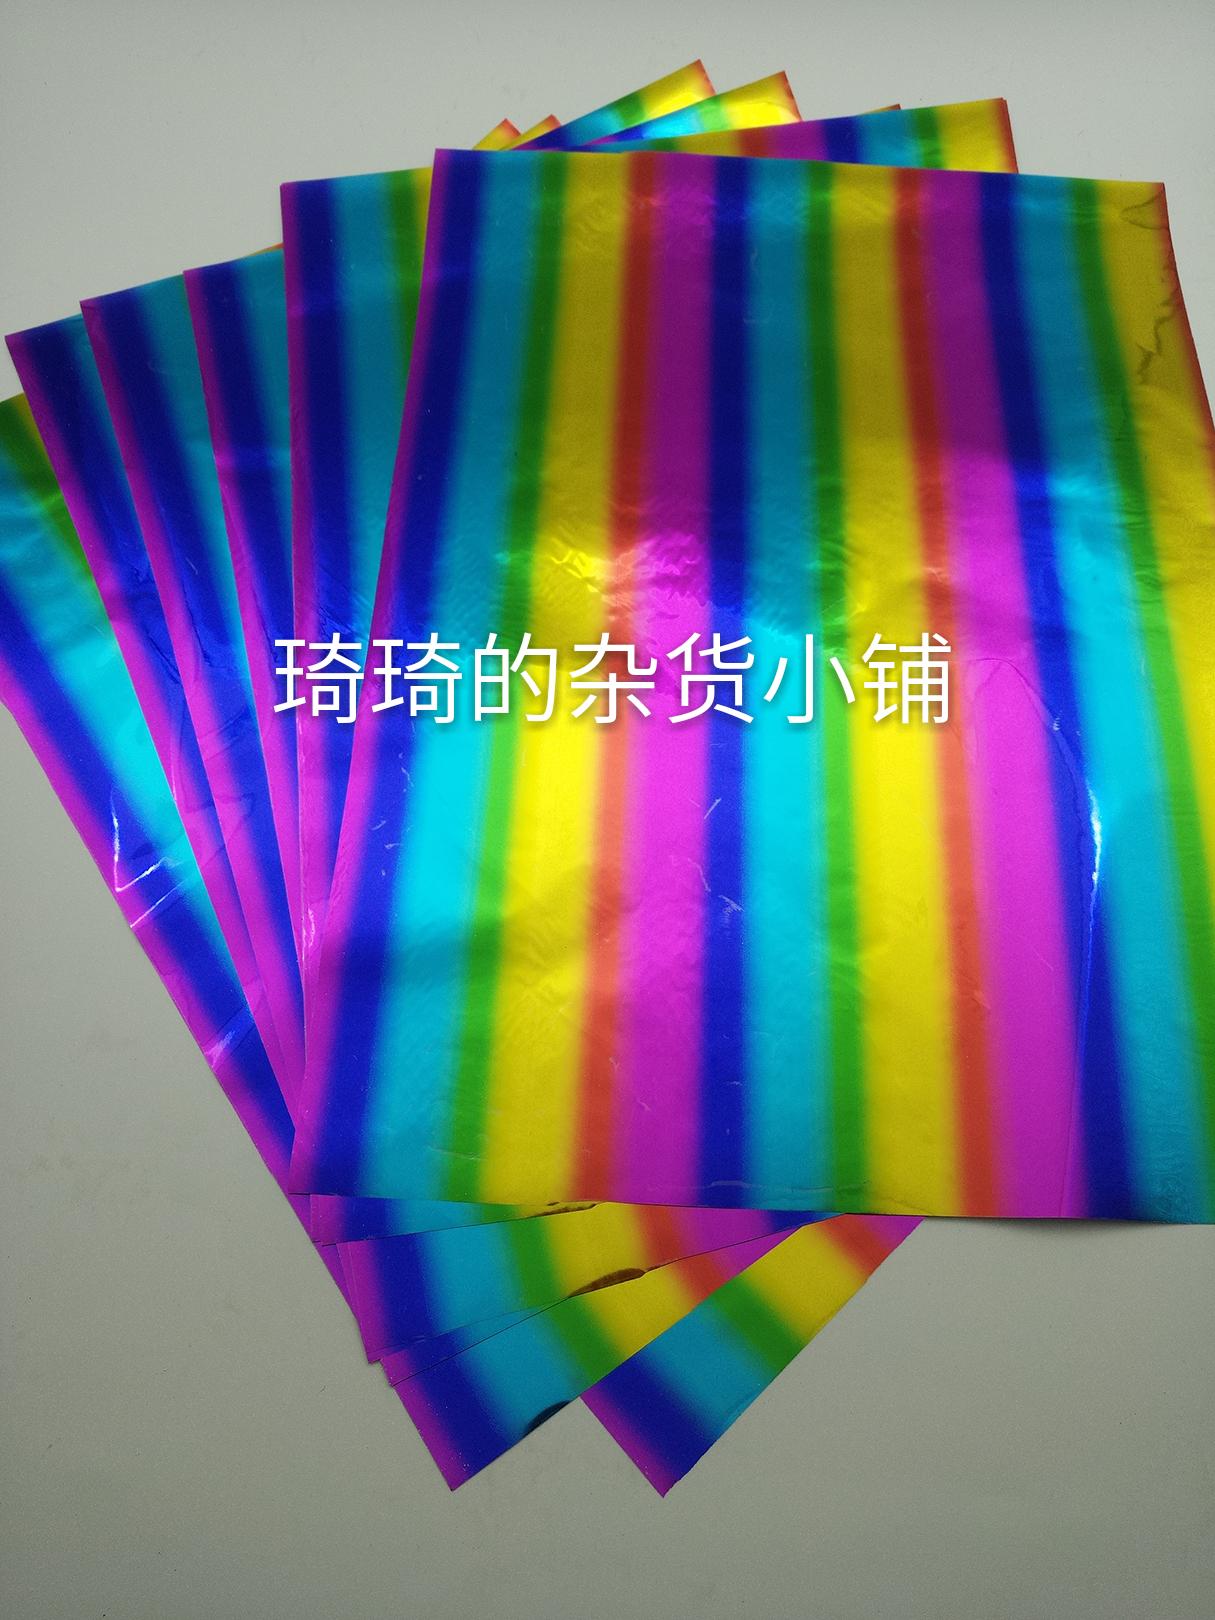 Хорошее качество новый товар новинка Станок для тиснения фольгой A4 для ( цветная ) пакет научить пакет 50 фотографий / пакет